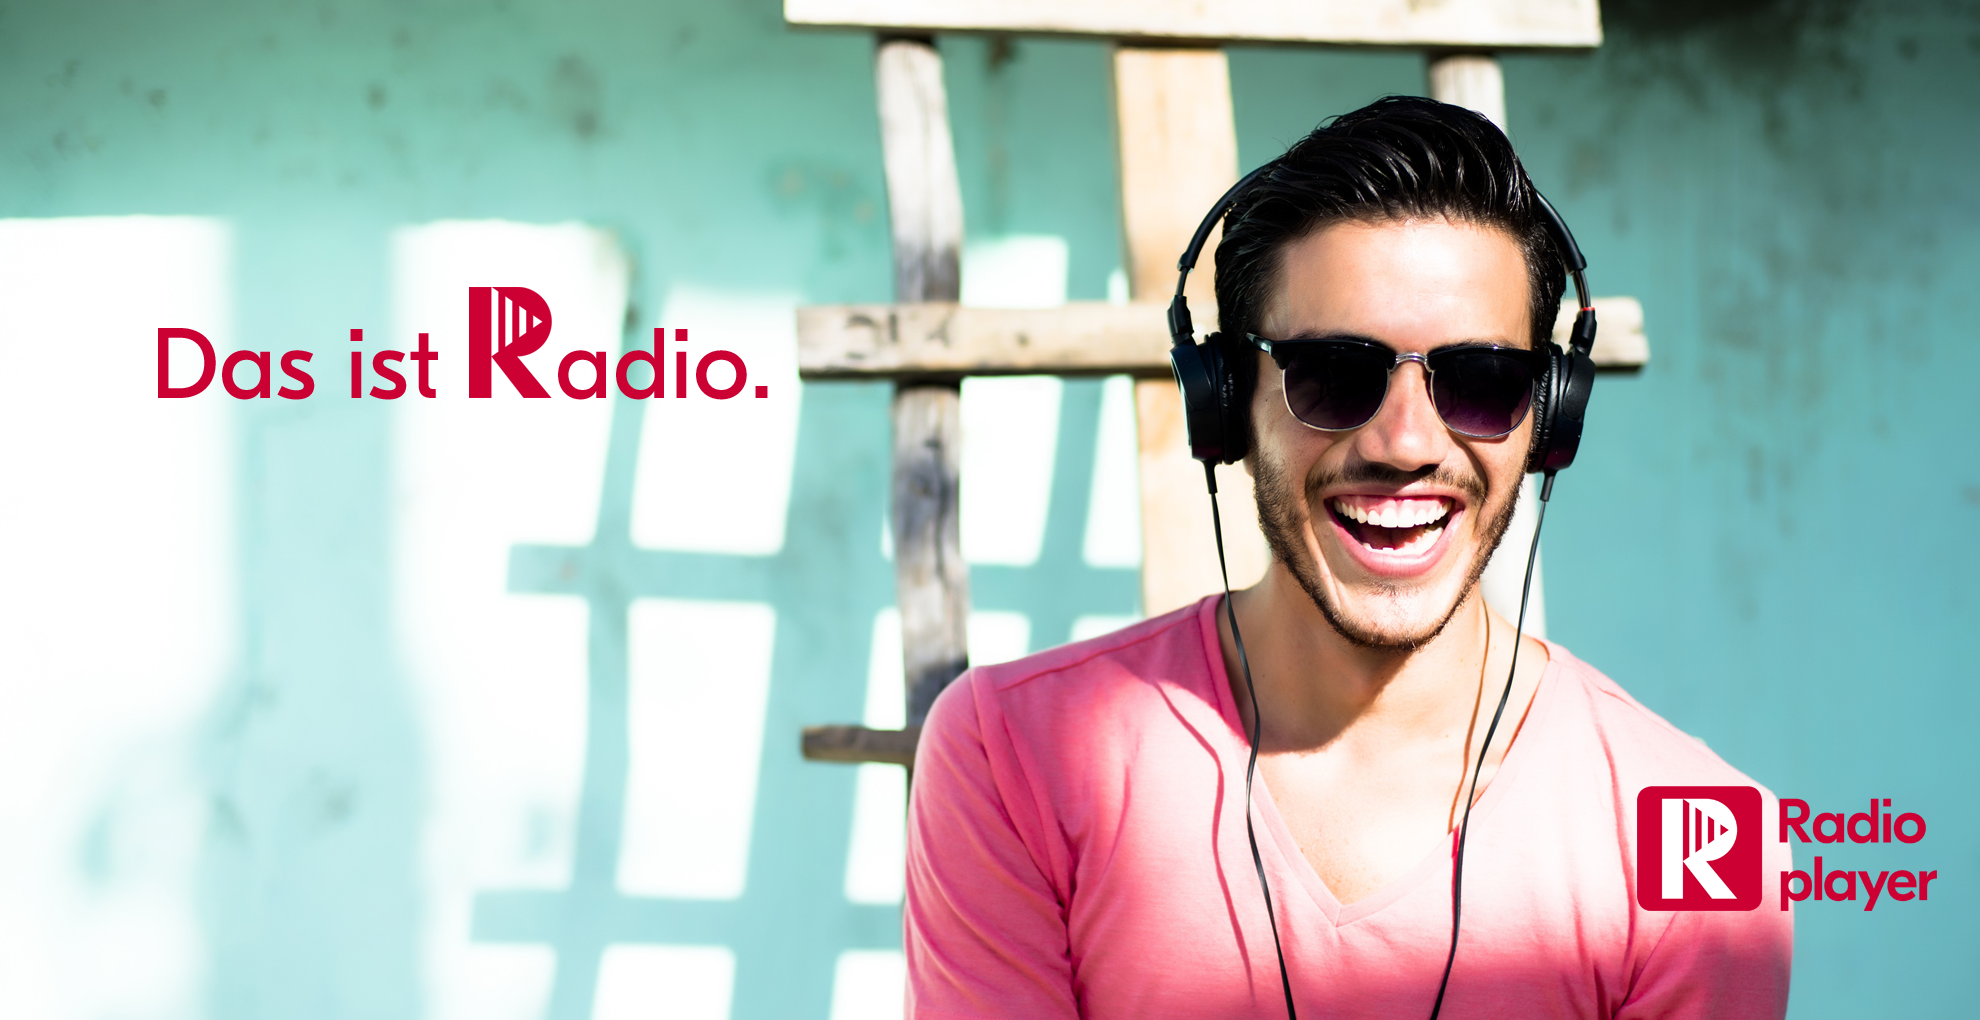 Das ist Radio